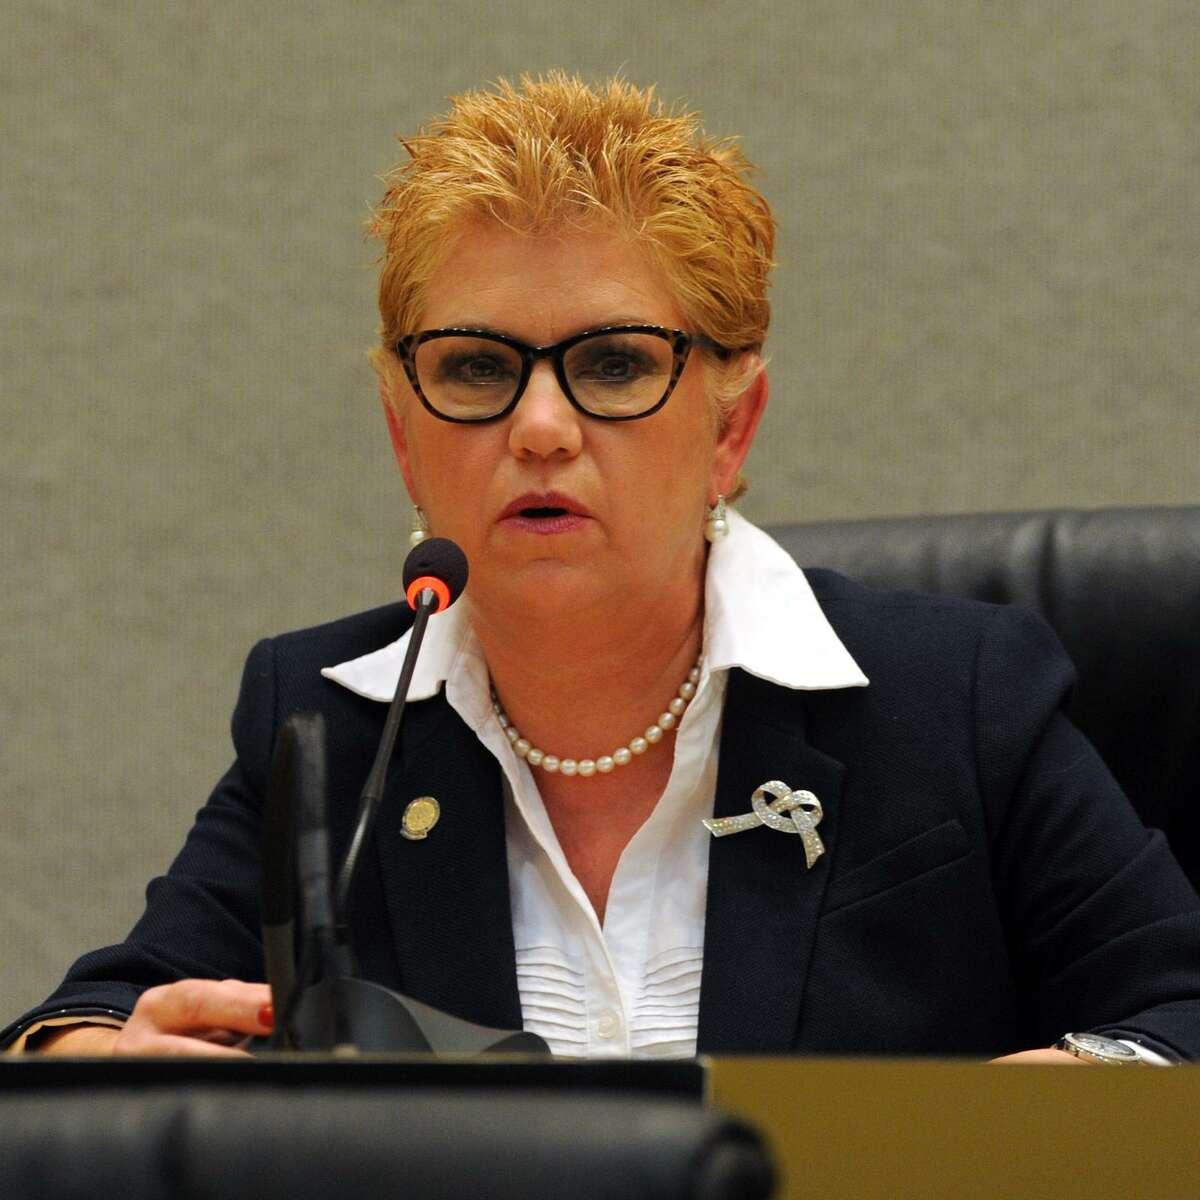 Bridgeport City Council member Michelle A. Lyons